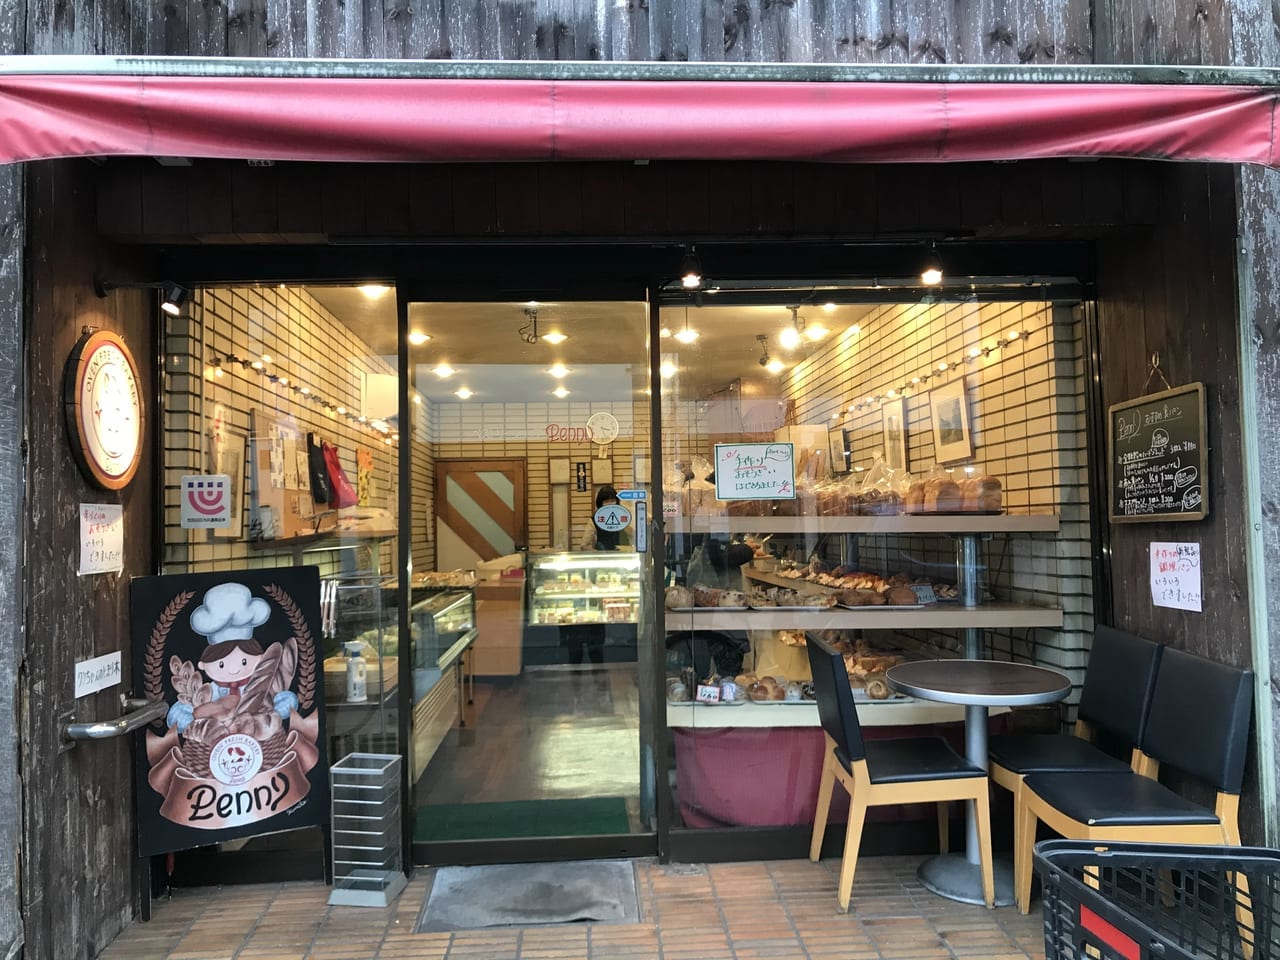 世田谷区尾山台ベーカーリー街のパン屋さんPenny ペニー